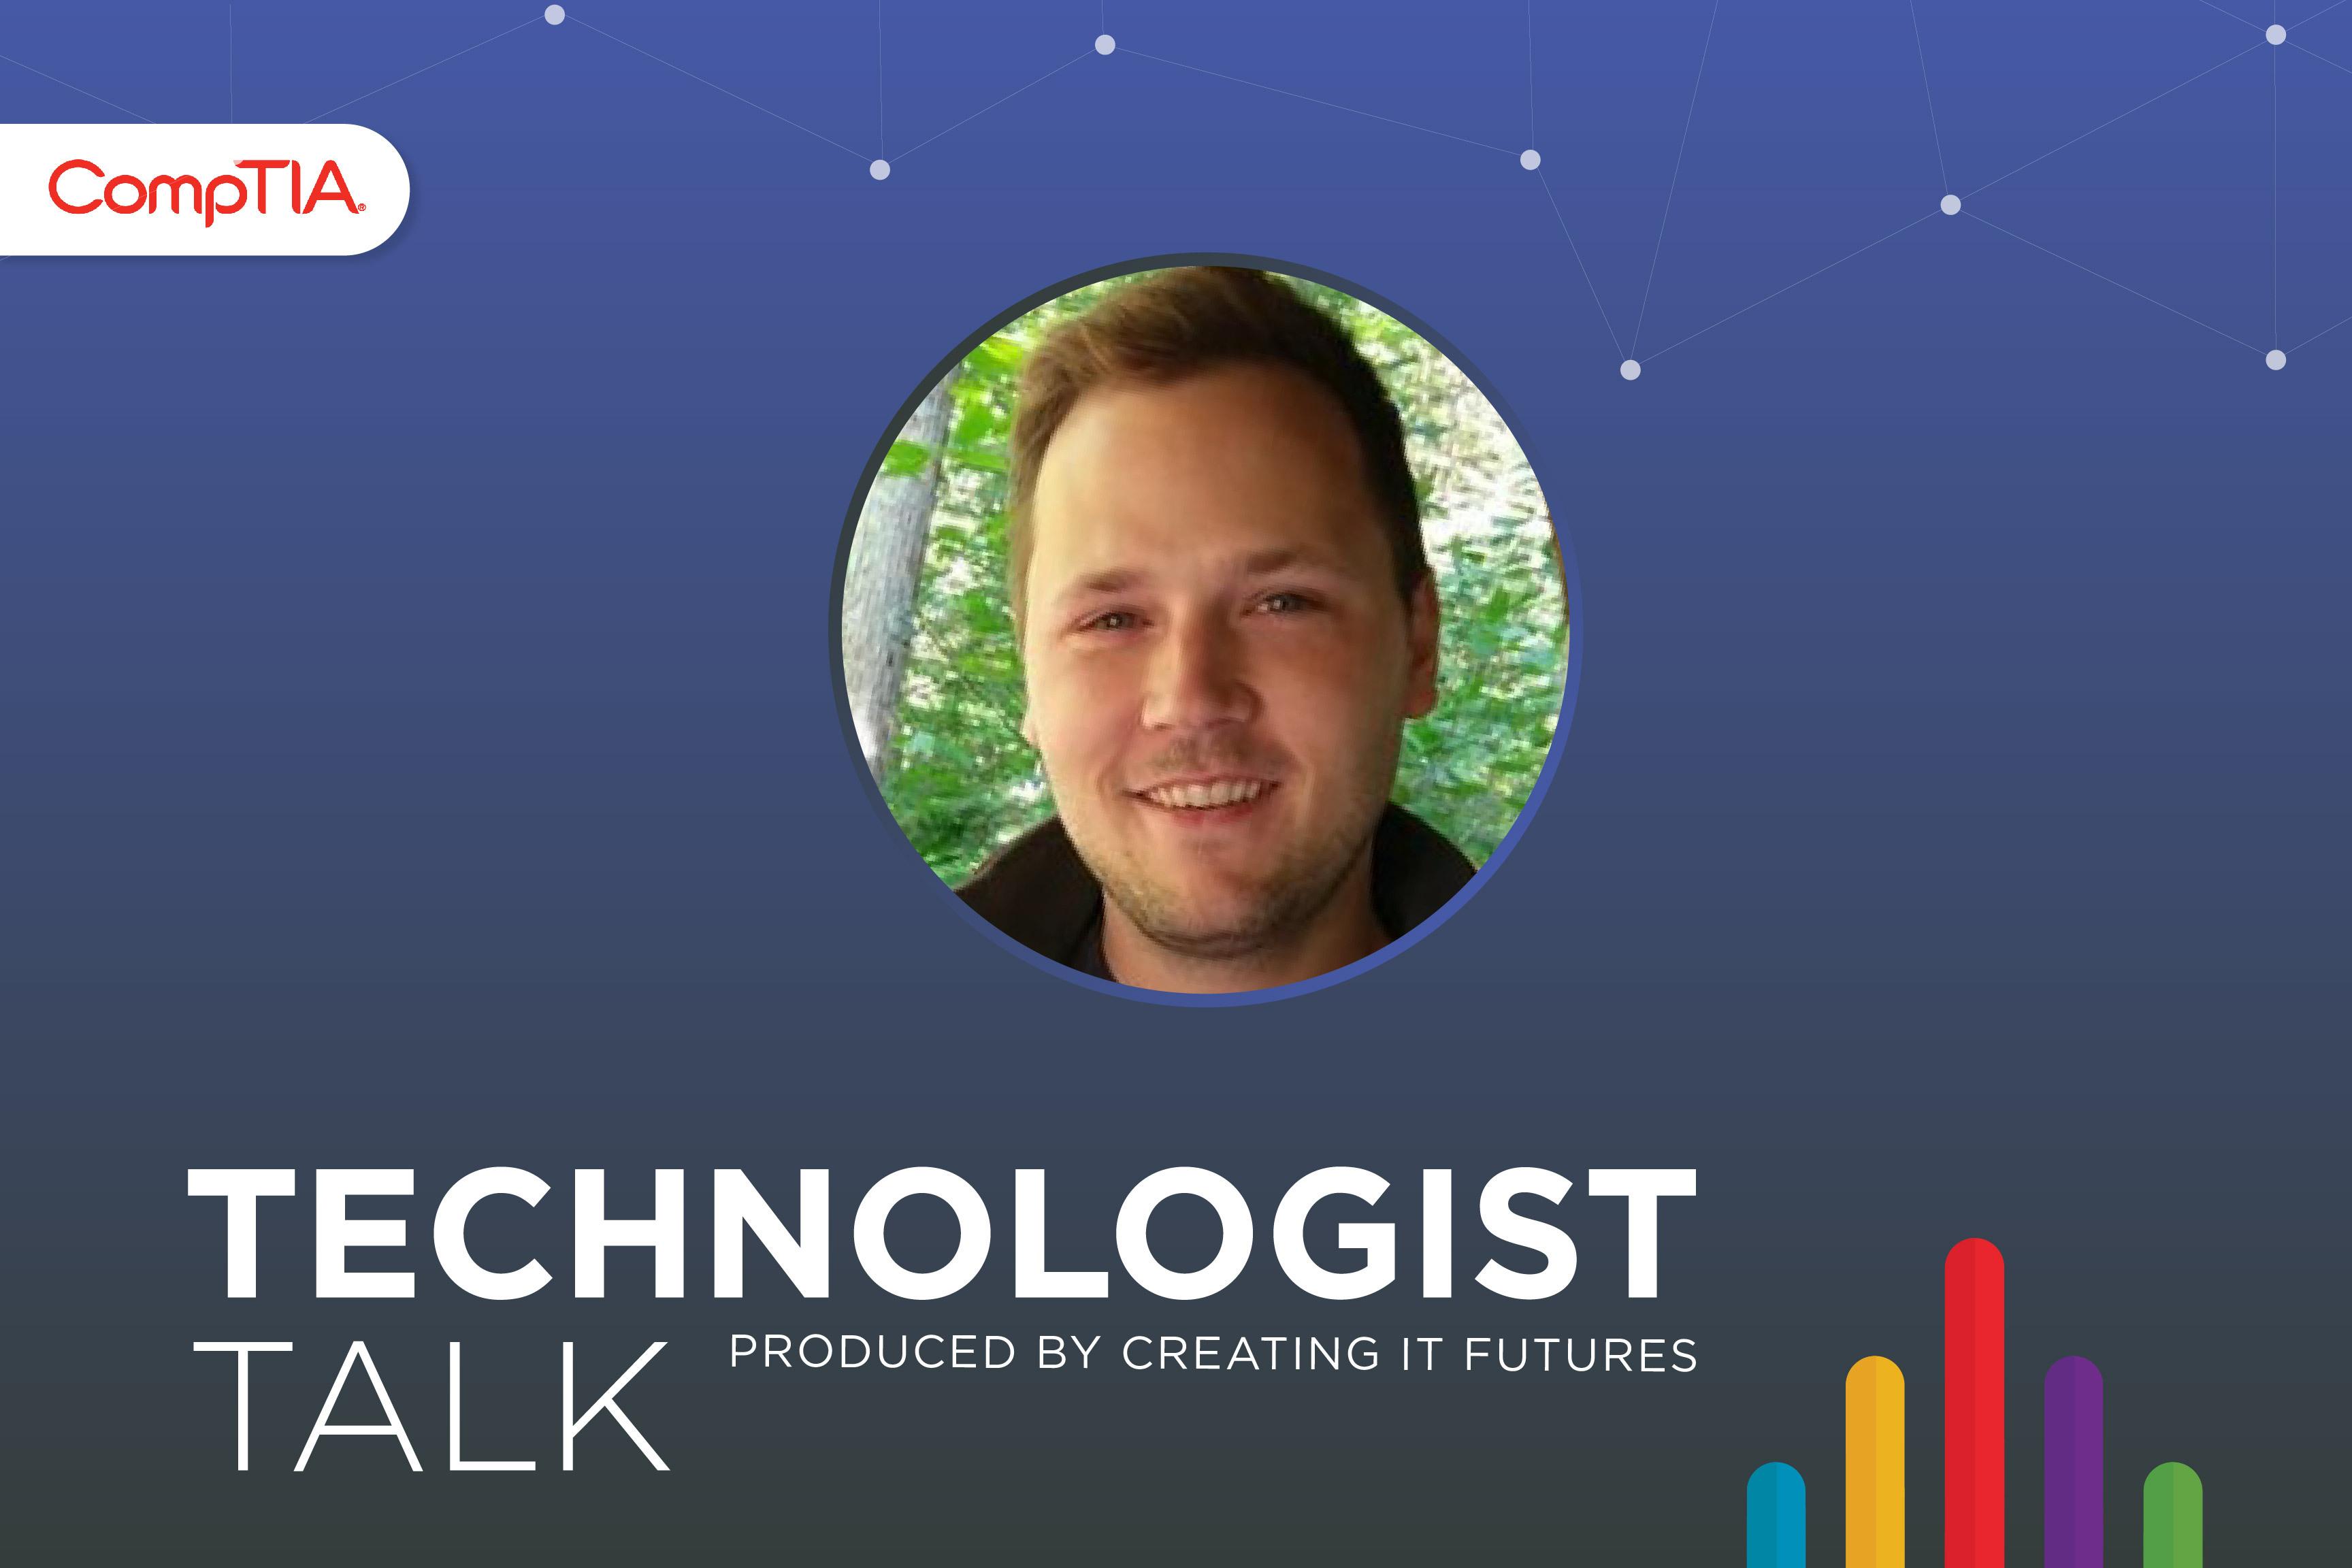 Theo on Technologist Talk